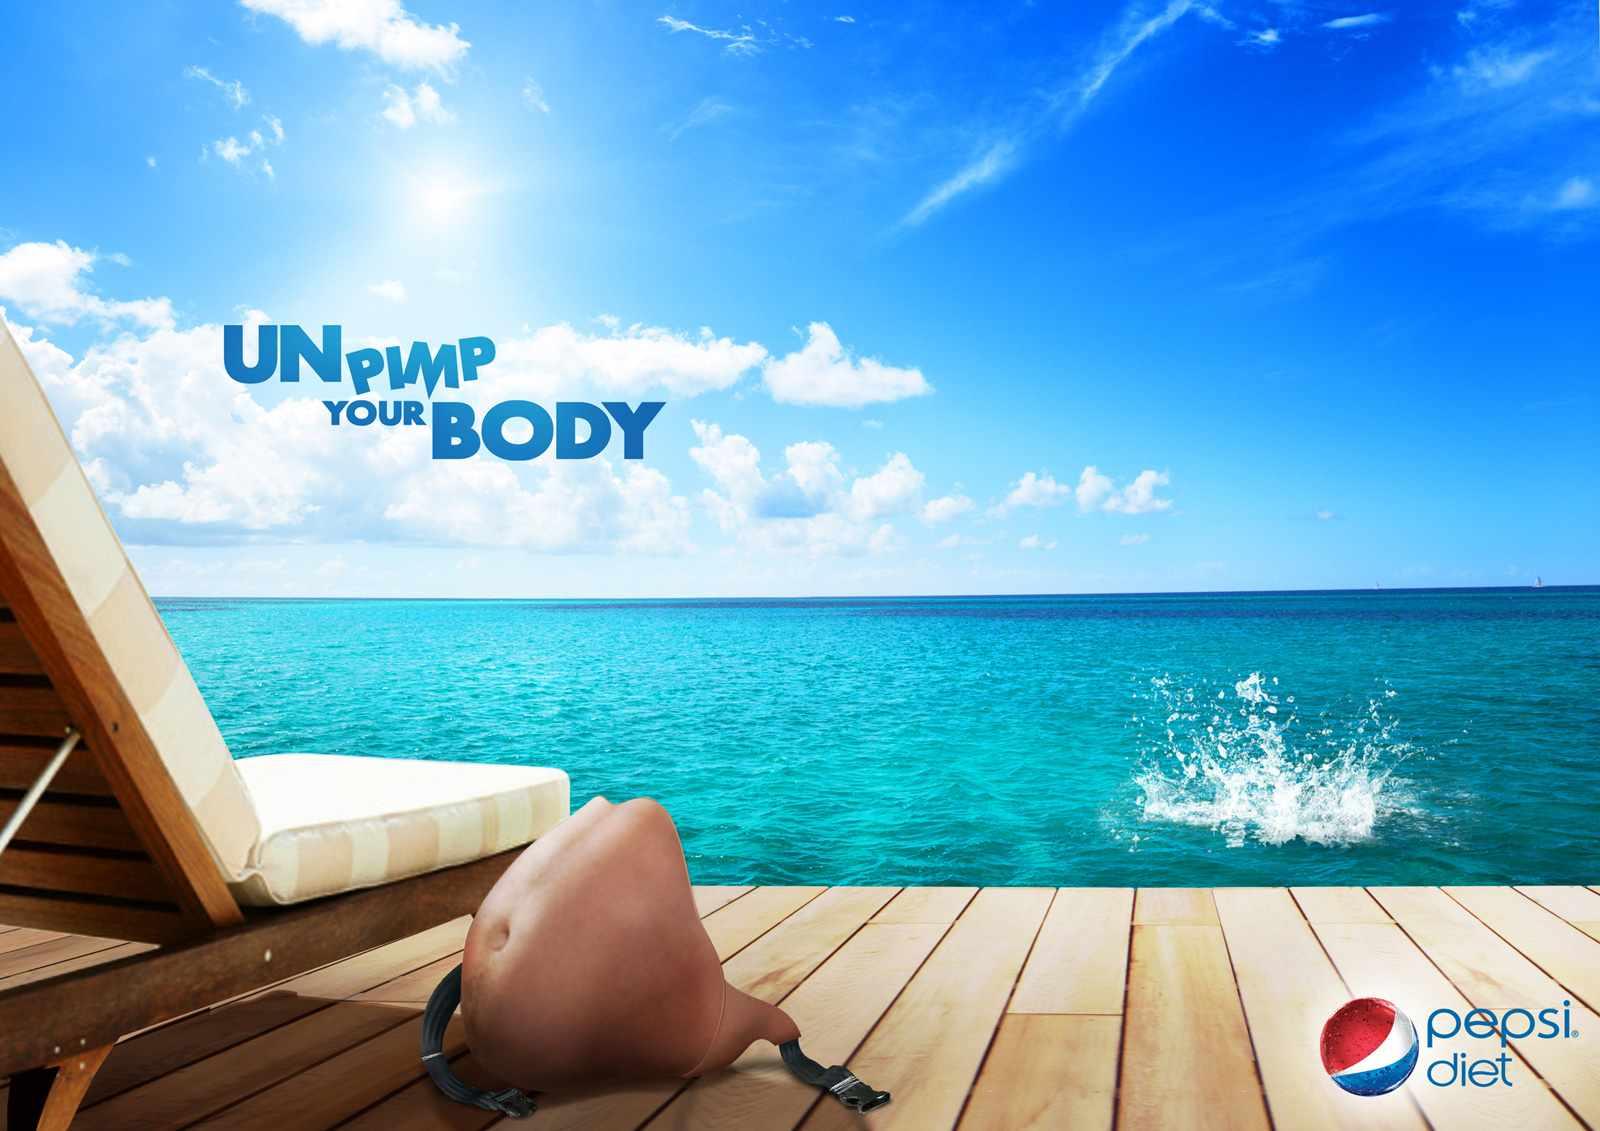 다이어트 펩시 Unpimp your body final.jpg